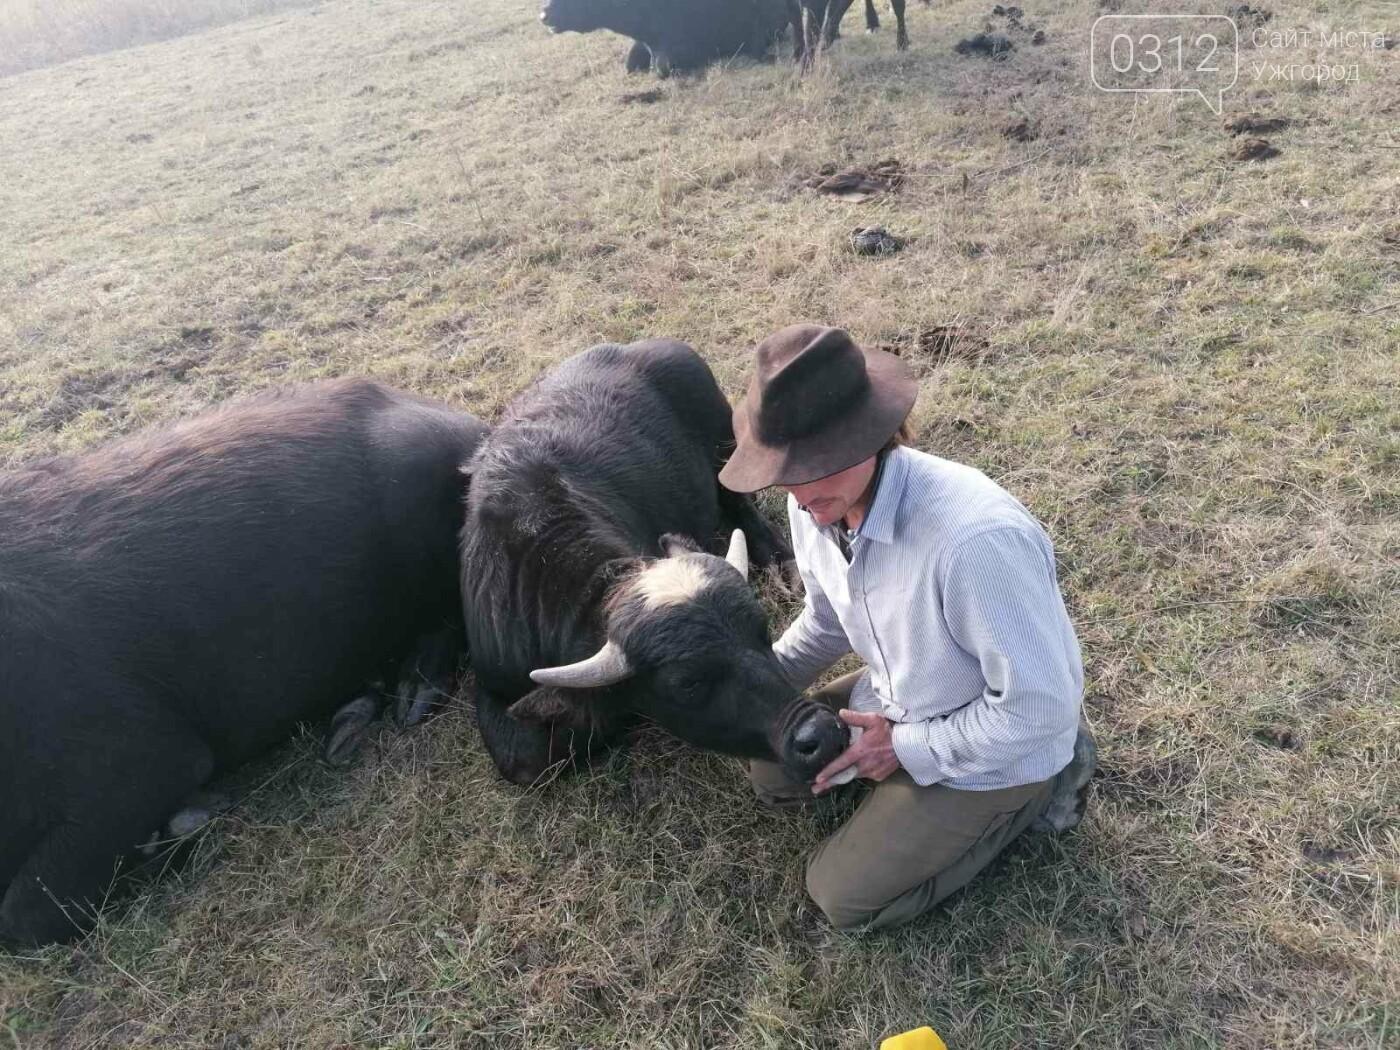 Еколог з Німеччини кинув усе та переїхав на Закарпаття розводити буйволів (ВІДЕО), фото-3